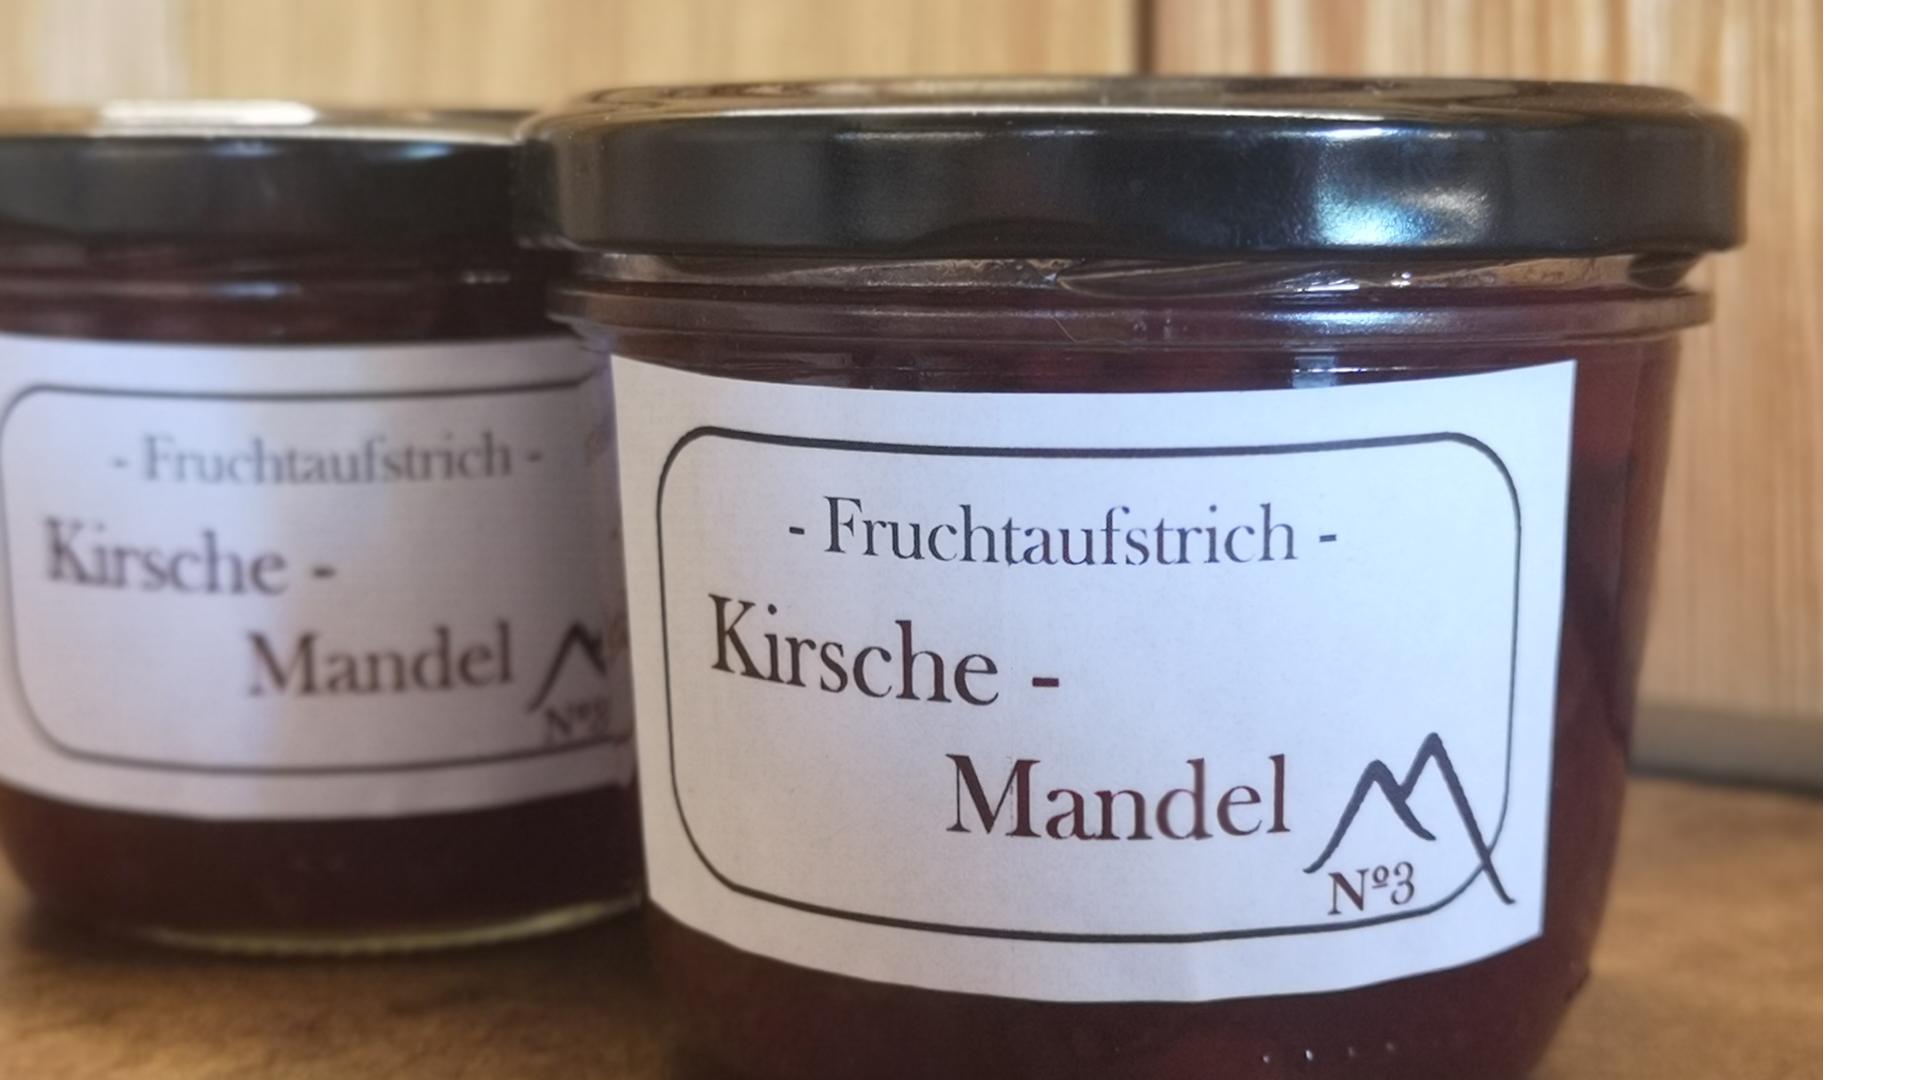 Kirsche - Mandel N°3